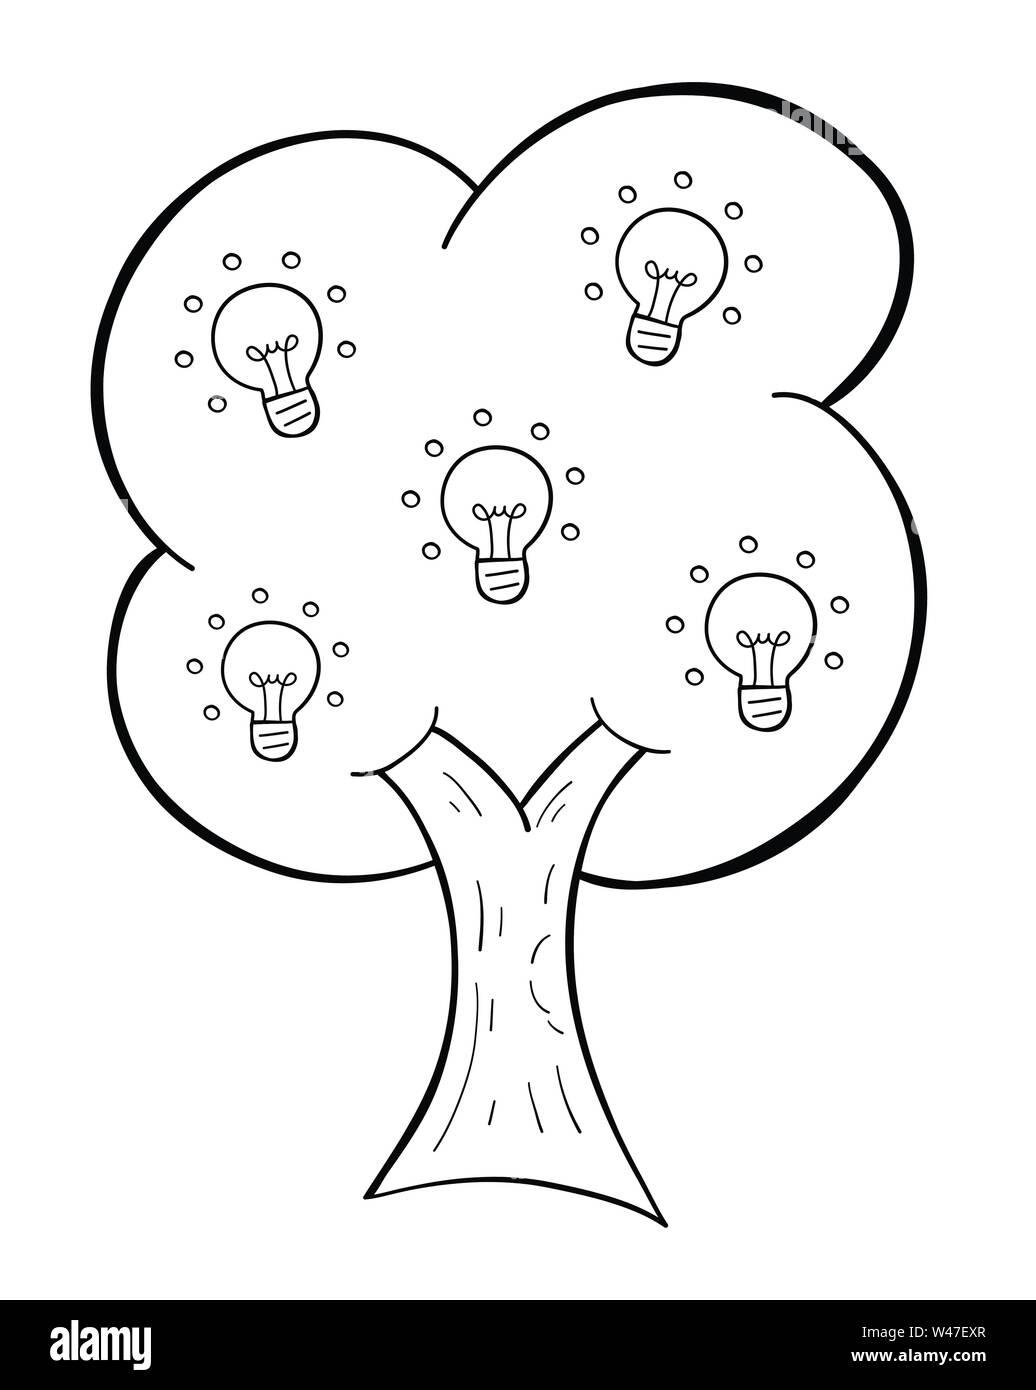 Vektor handgezeichnete Abbildung: leuchtende Glühbirne Idee Baum. Schwarzen umrissen und weißen Hintergrund. Stock Vektor